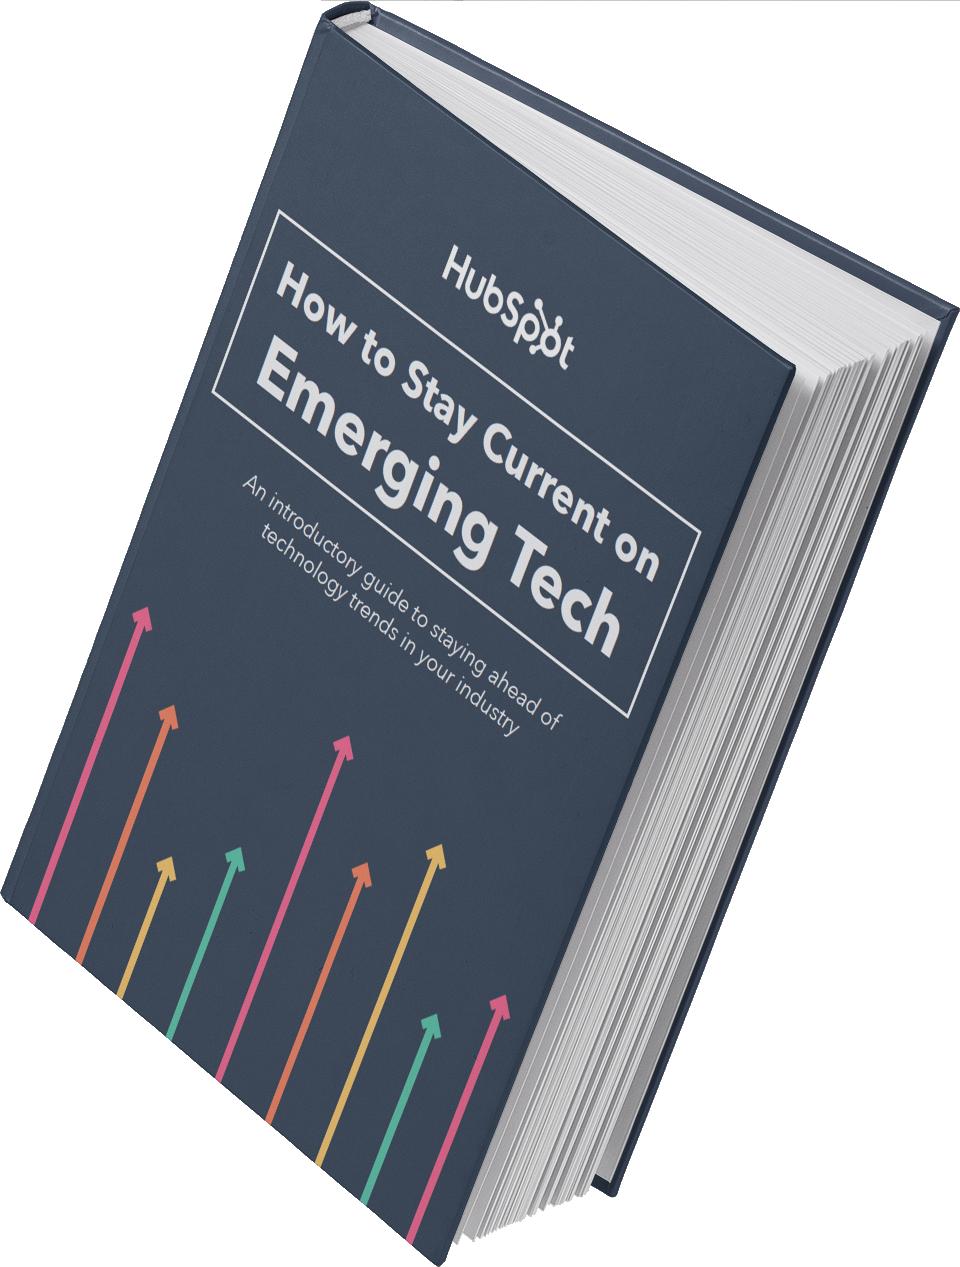 Emerging Tech Ebook